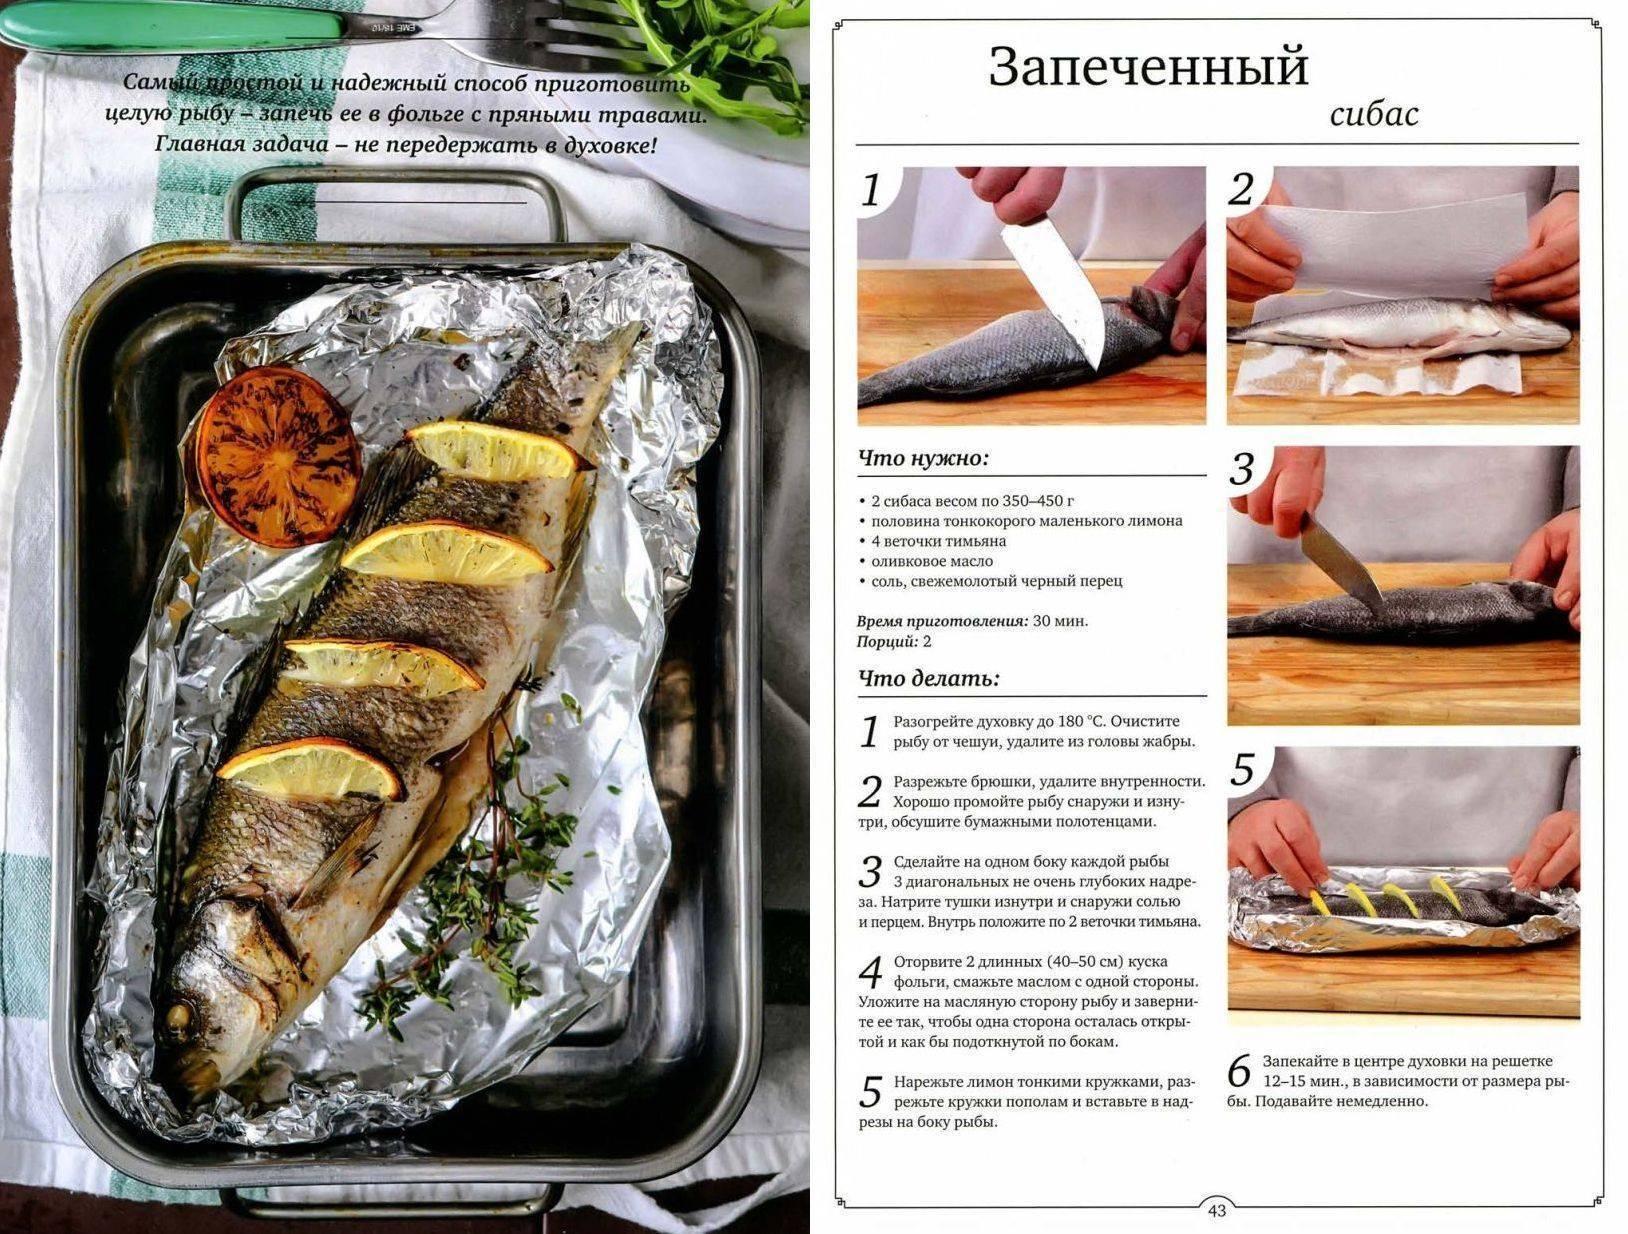 Сибас — рецепты приготовления